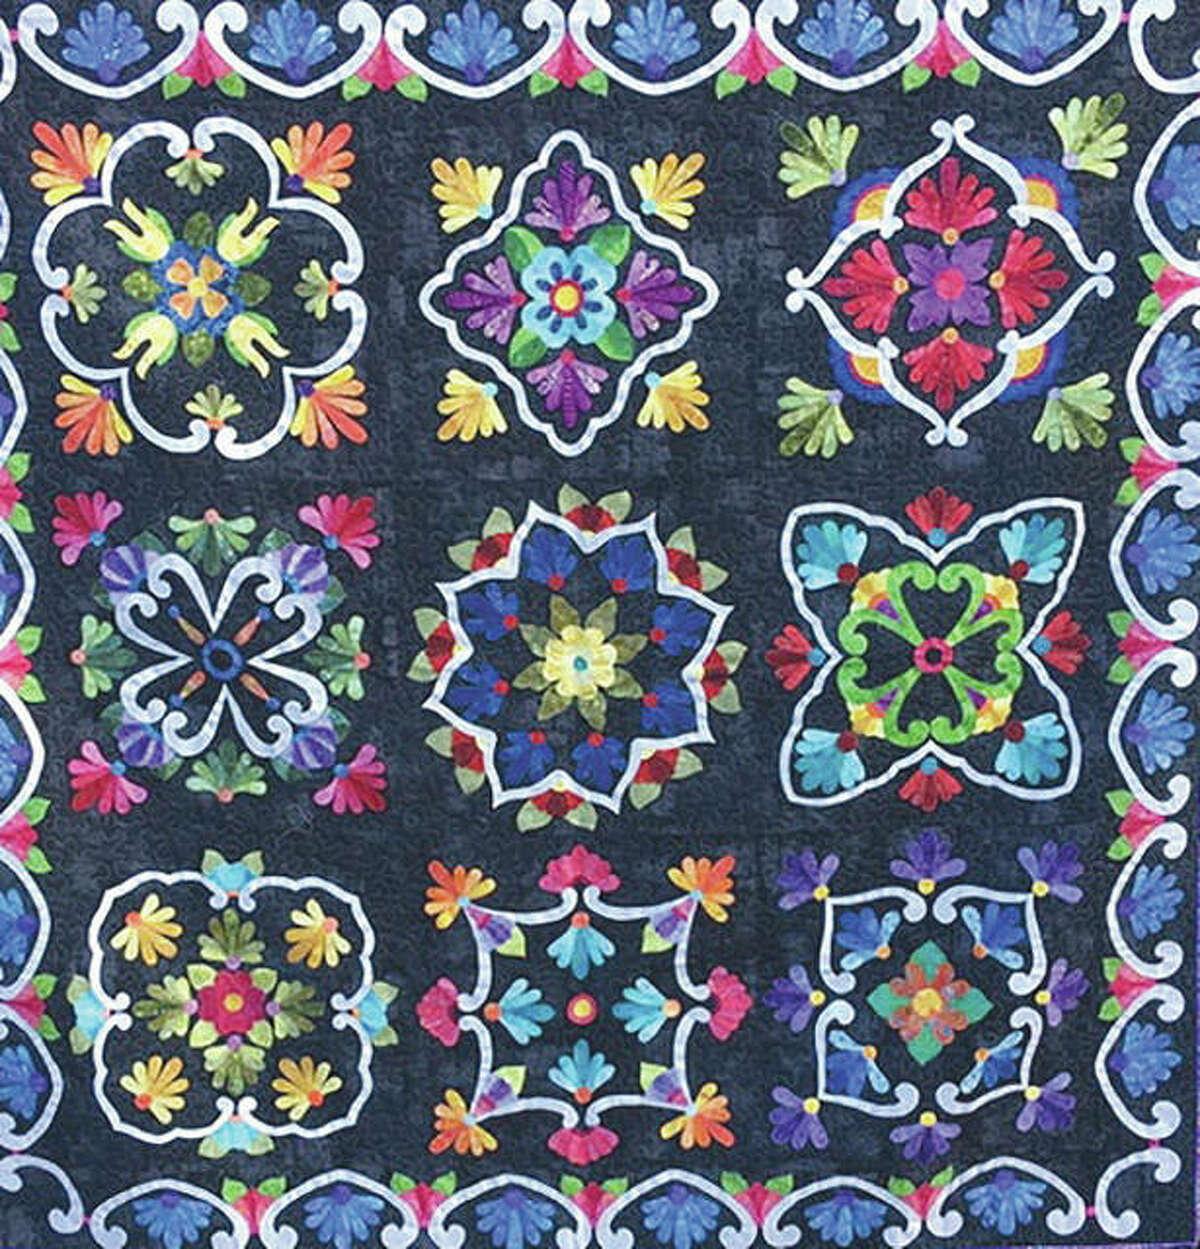 Rosanne Hamilton's quilt,